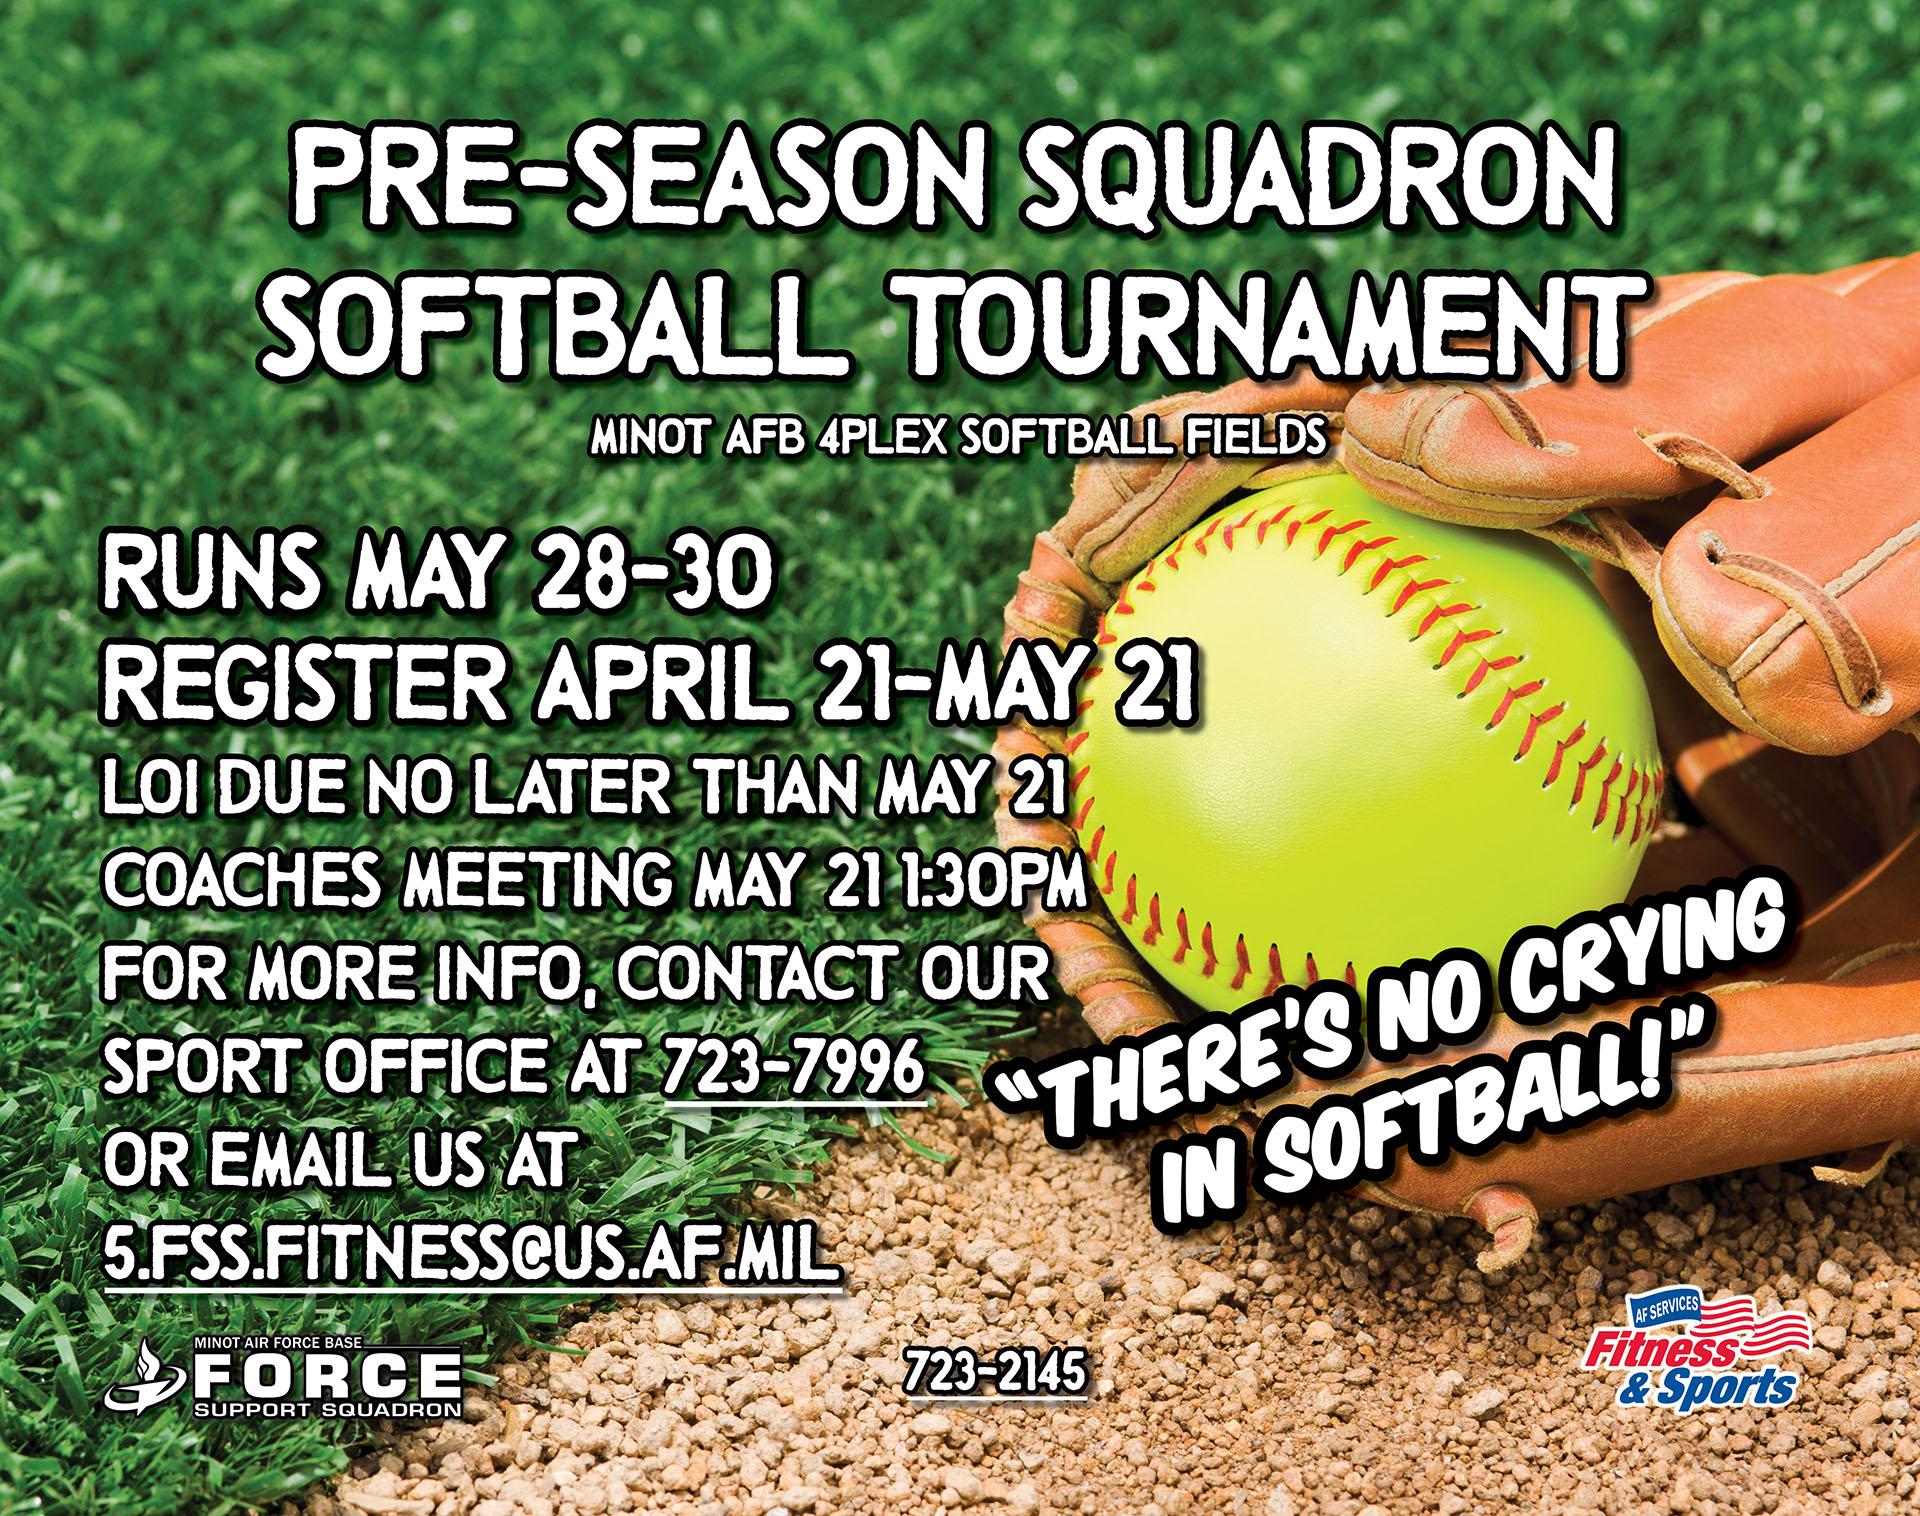 Pre-Season Squadron Softball Tournament